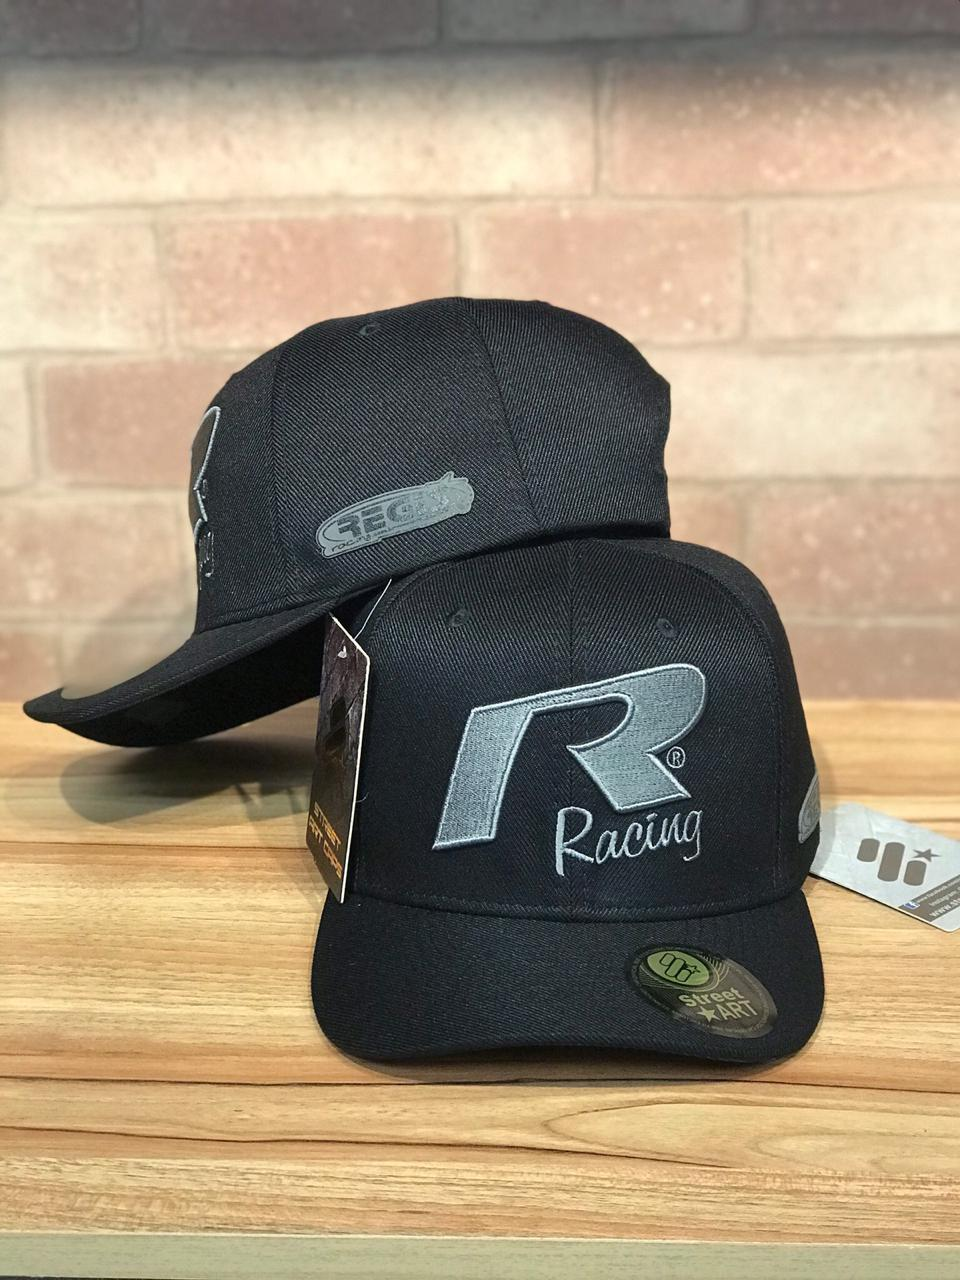 Bone Regis Racing